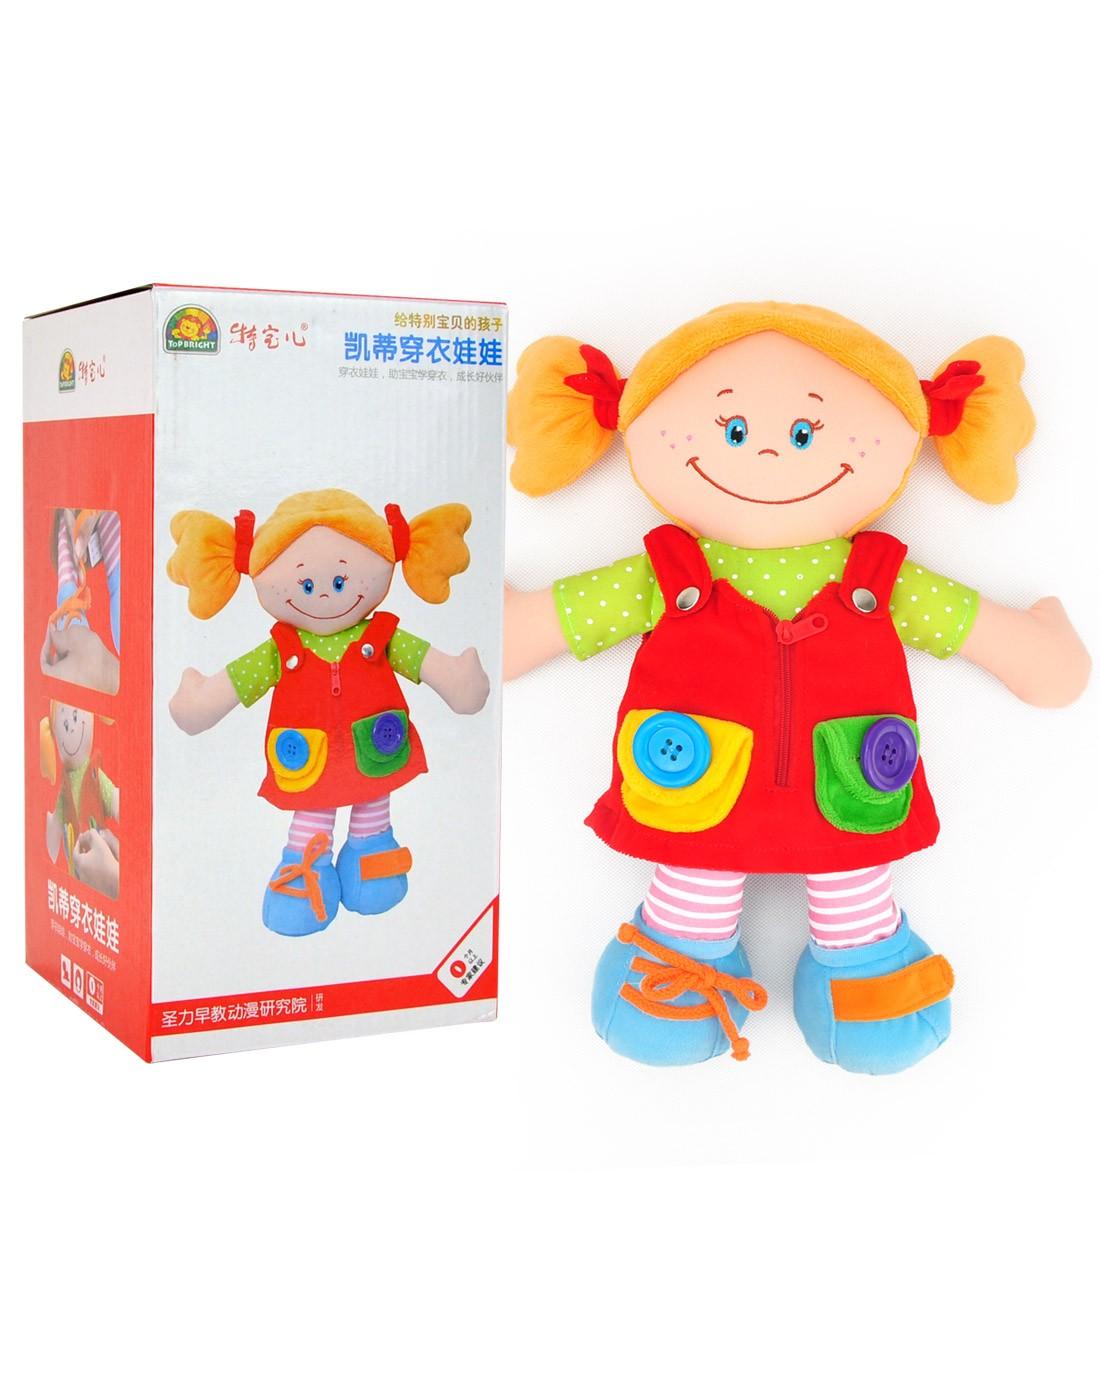 海绵宝宝等益智玩具特宝儿凯迪穿衣服娃娃t081_唯品会